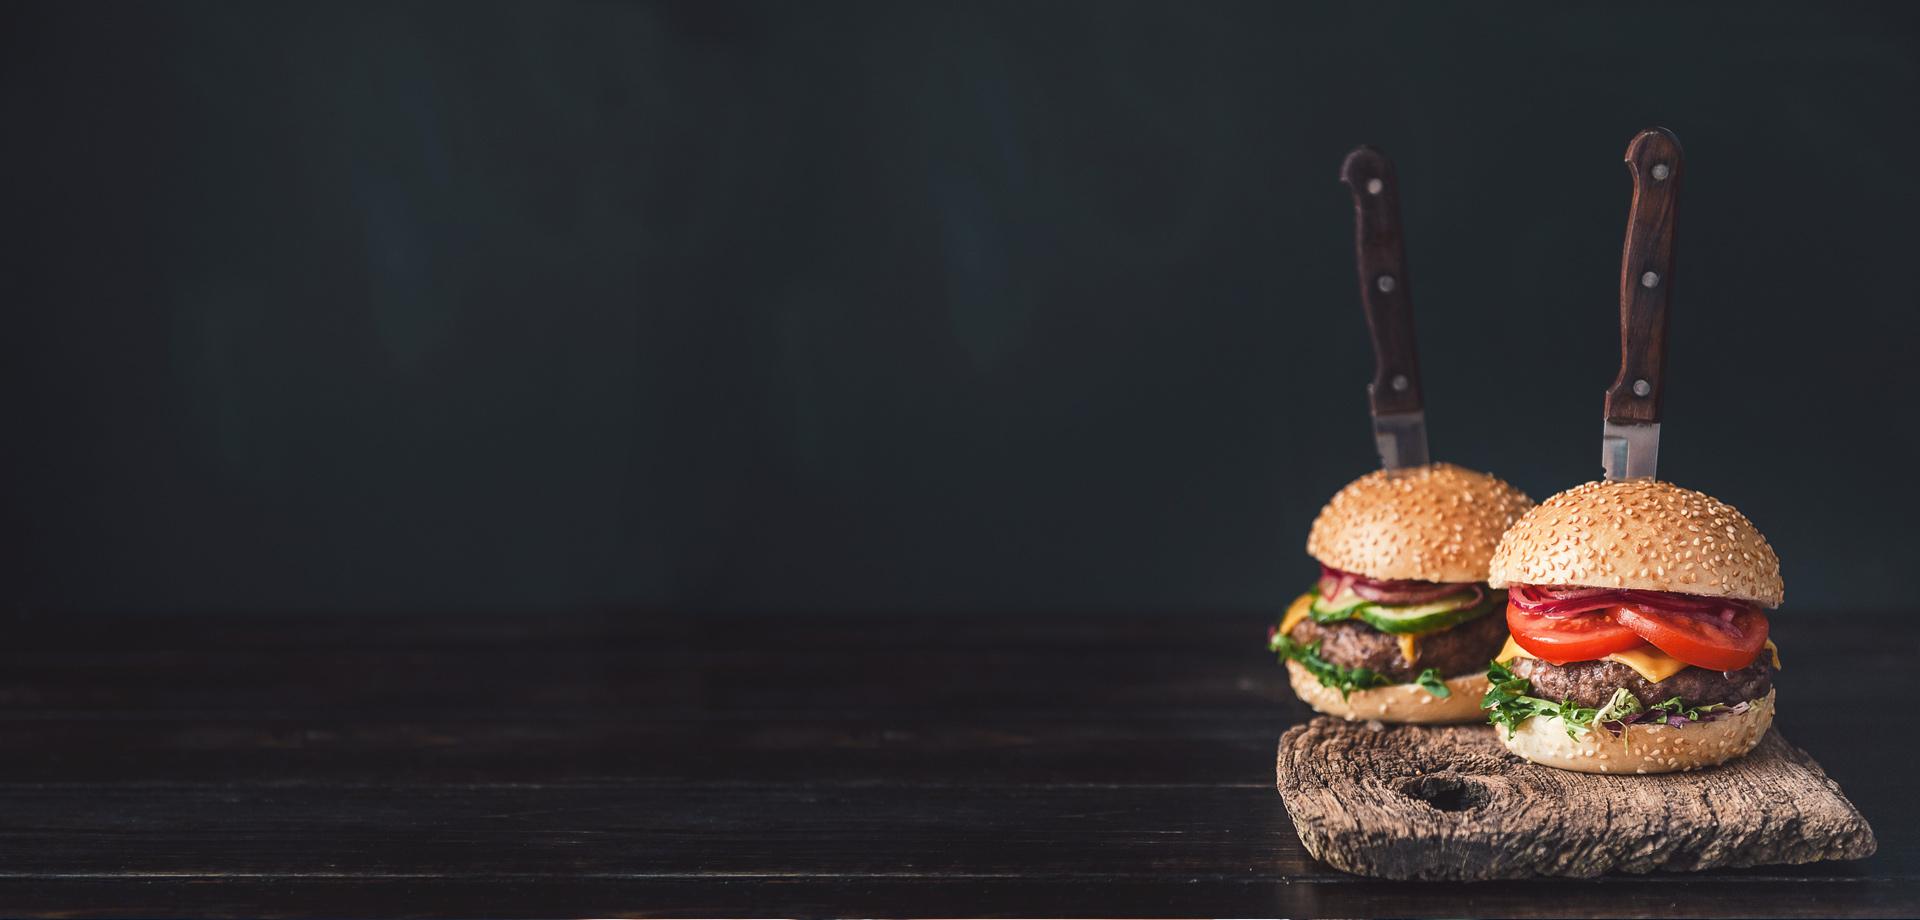 ahsenmacher_burger